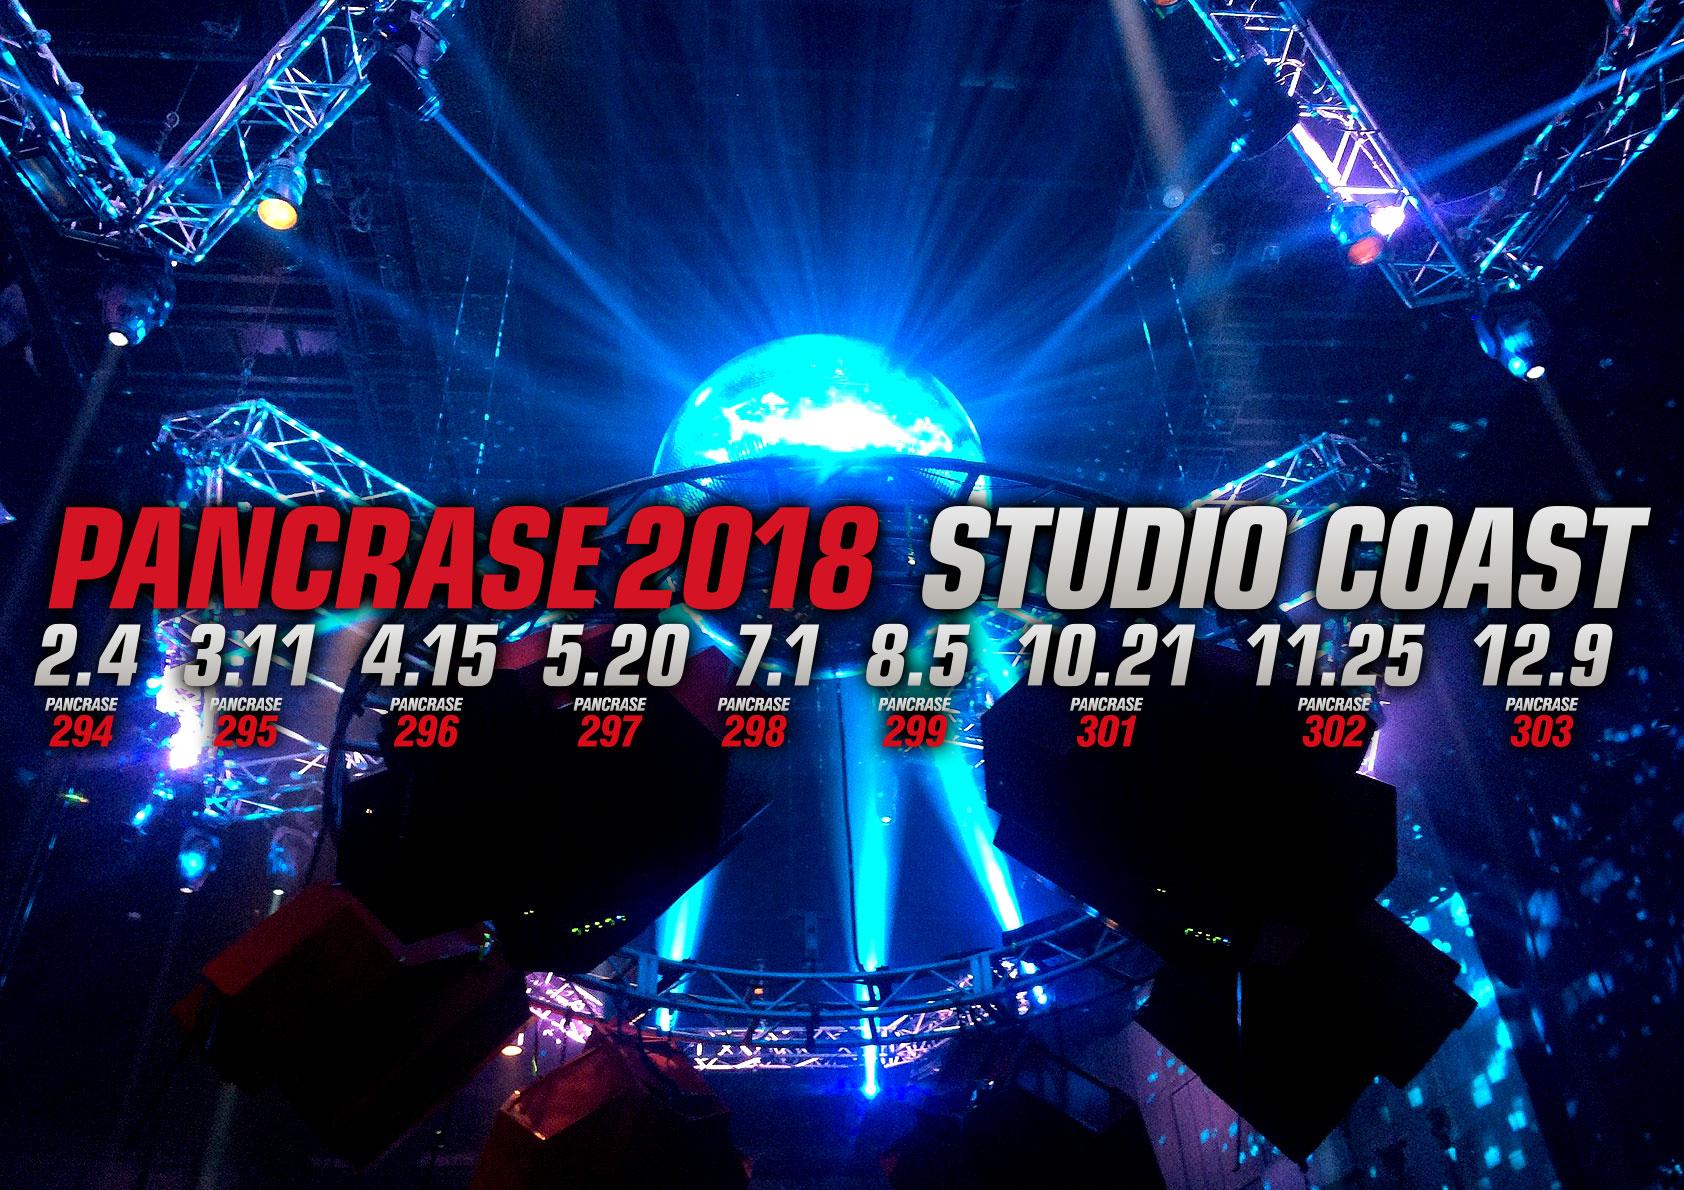 総合格闘技団体パンクラスが2018年2月4日からスタジオコーストをホーム会場として始動!